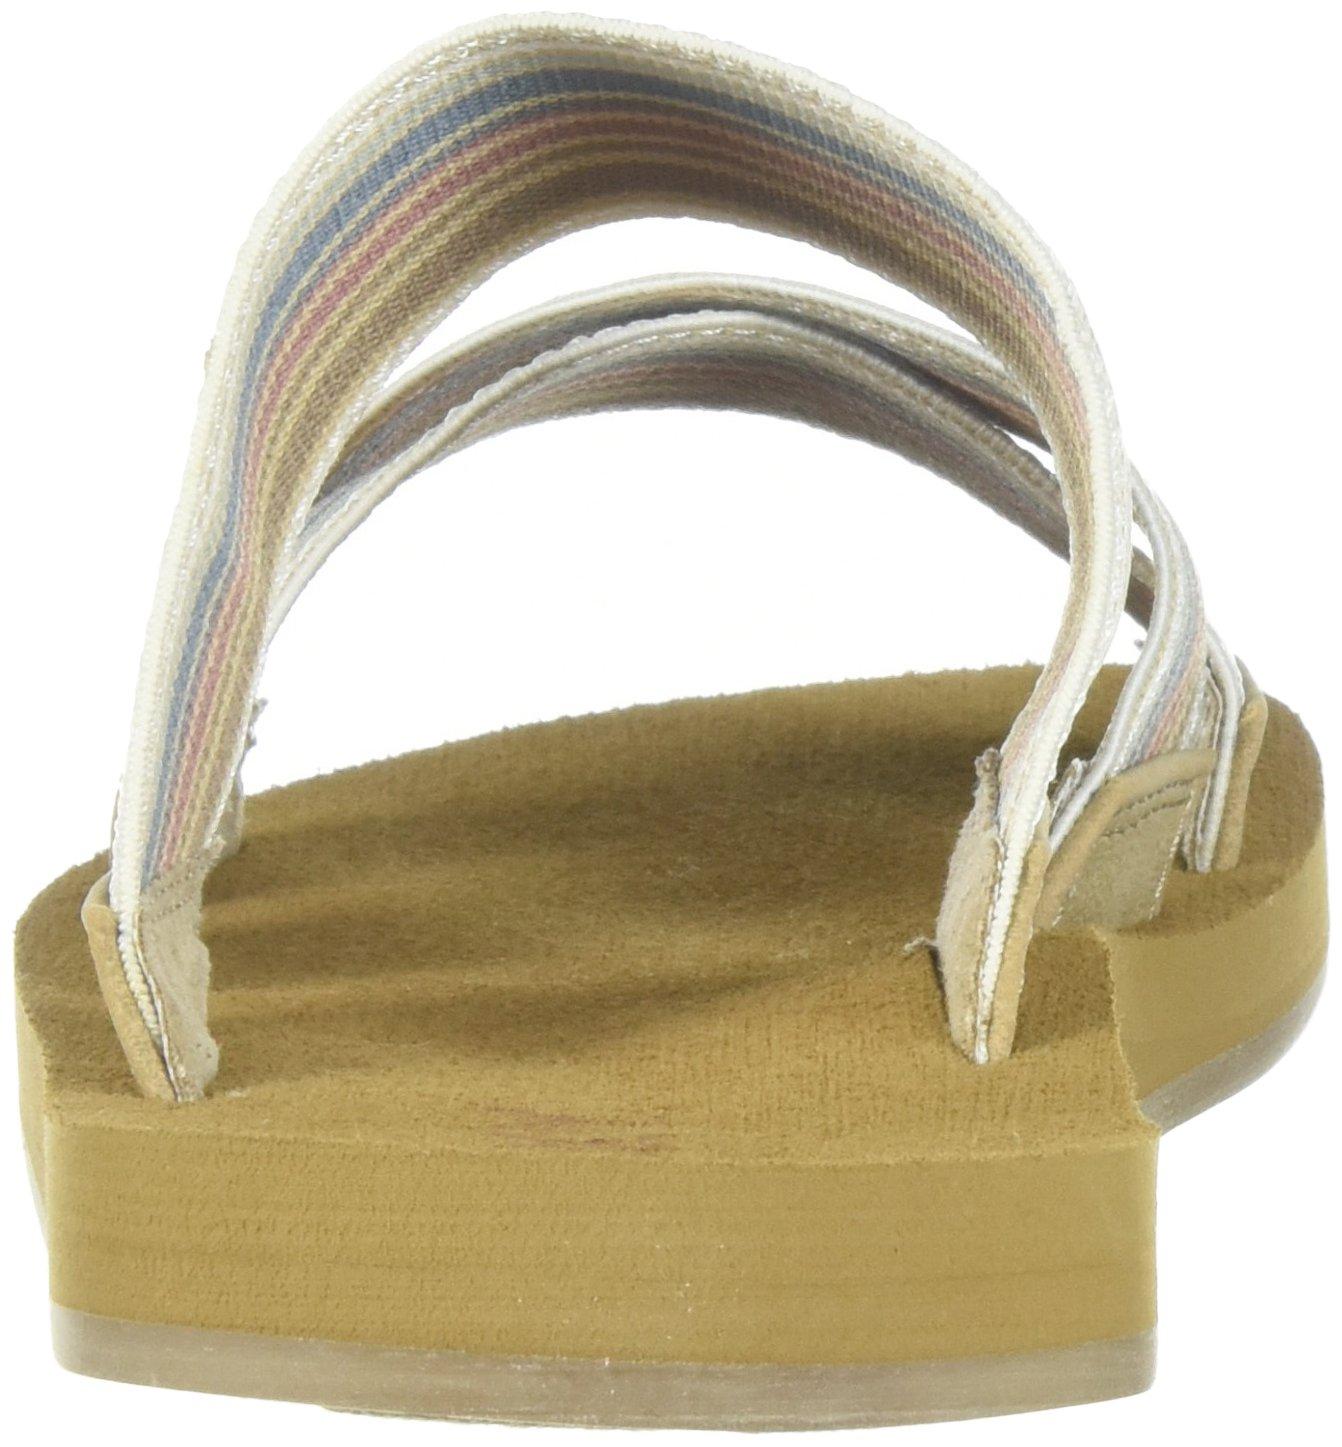 1cccc51c4cdd1 ... Roxy Women s Shoreside 10 Sport Sandal B072R38MSG 10 Shoreside B(M)  US